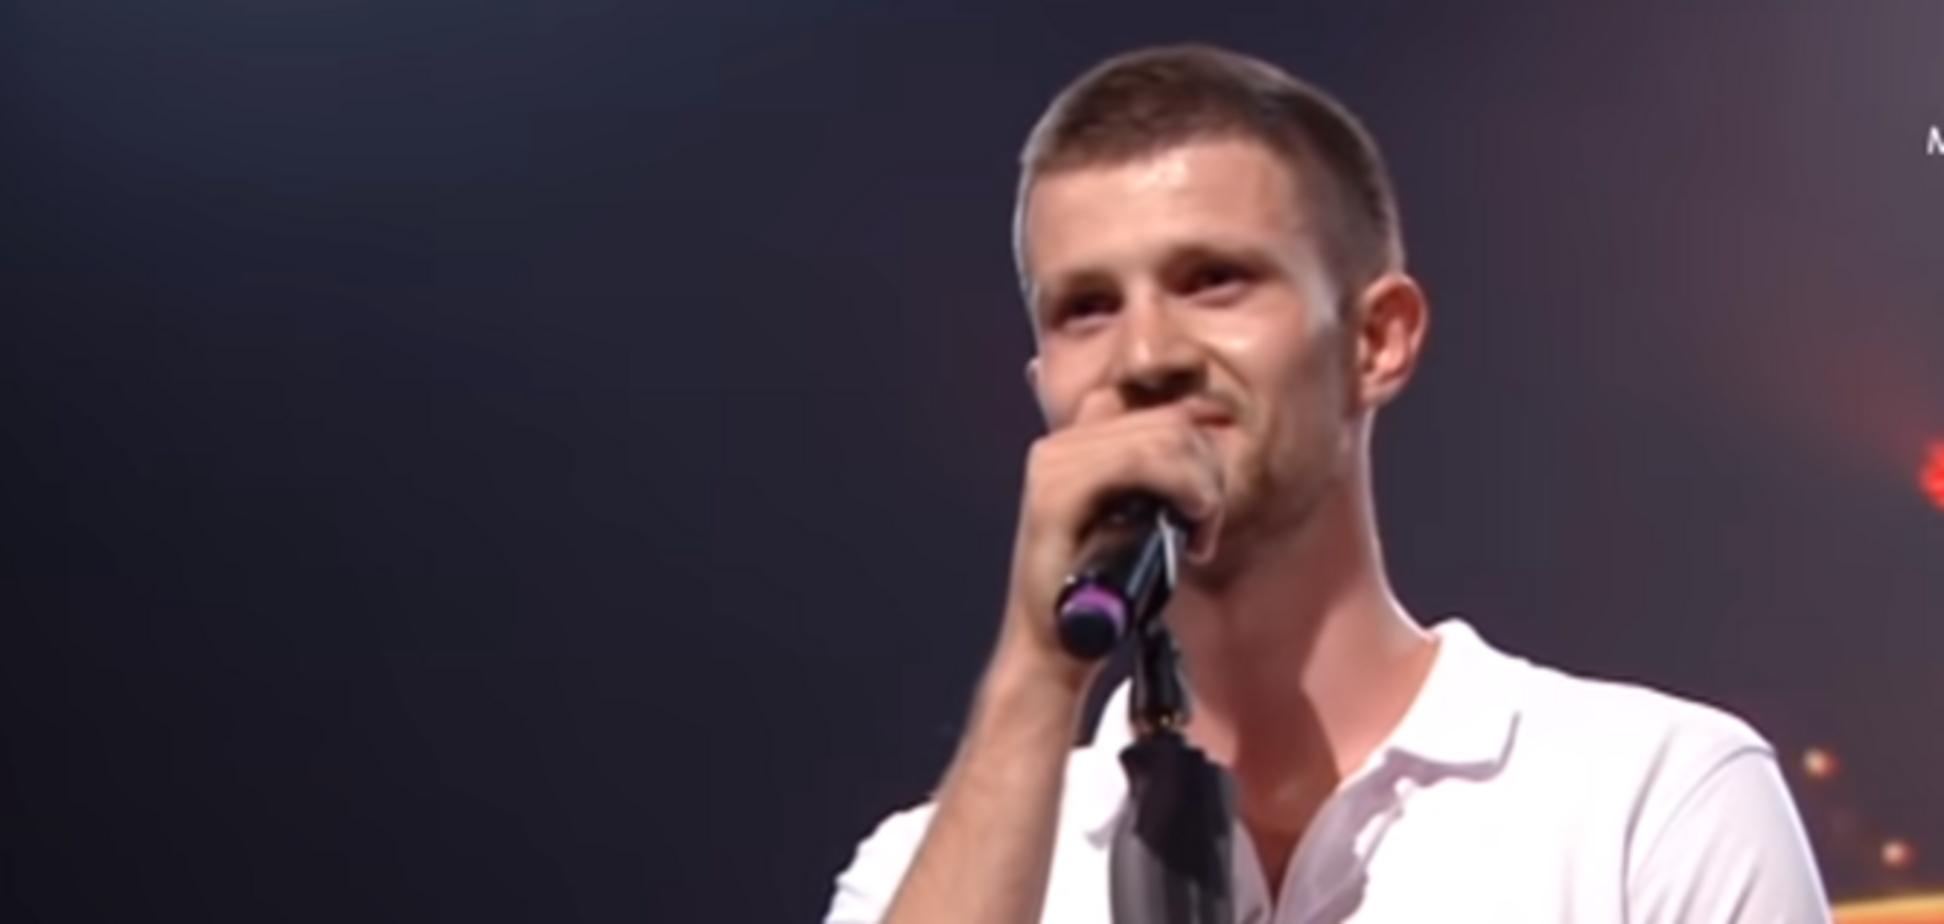 'Полякова так страстно смотрела': участник 'Х-фактор' восхитил сеть исполнением песни известного репера